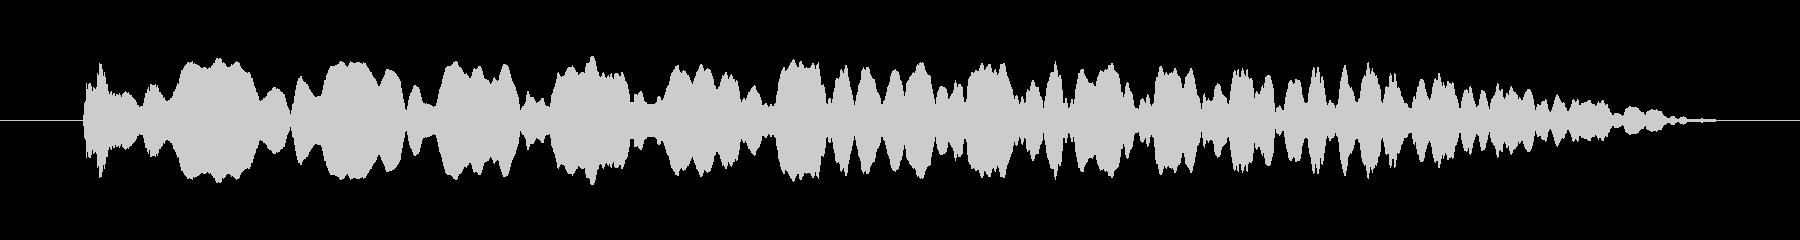 ニョーーーン(低めの音の未再生の波形